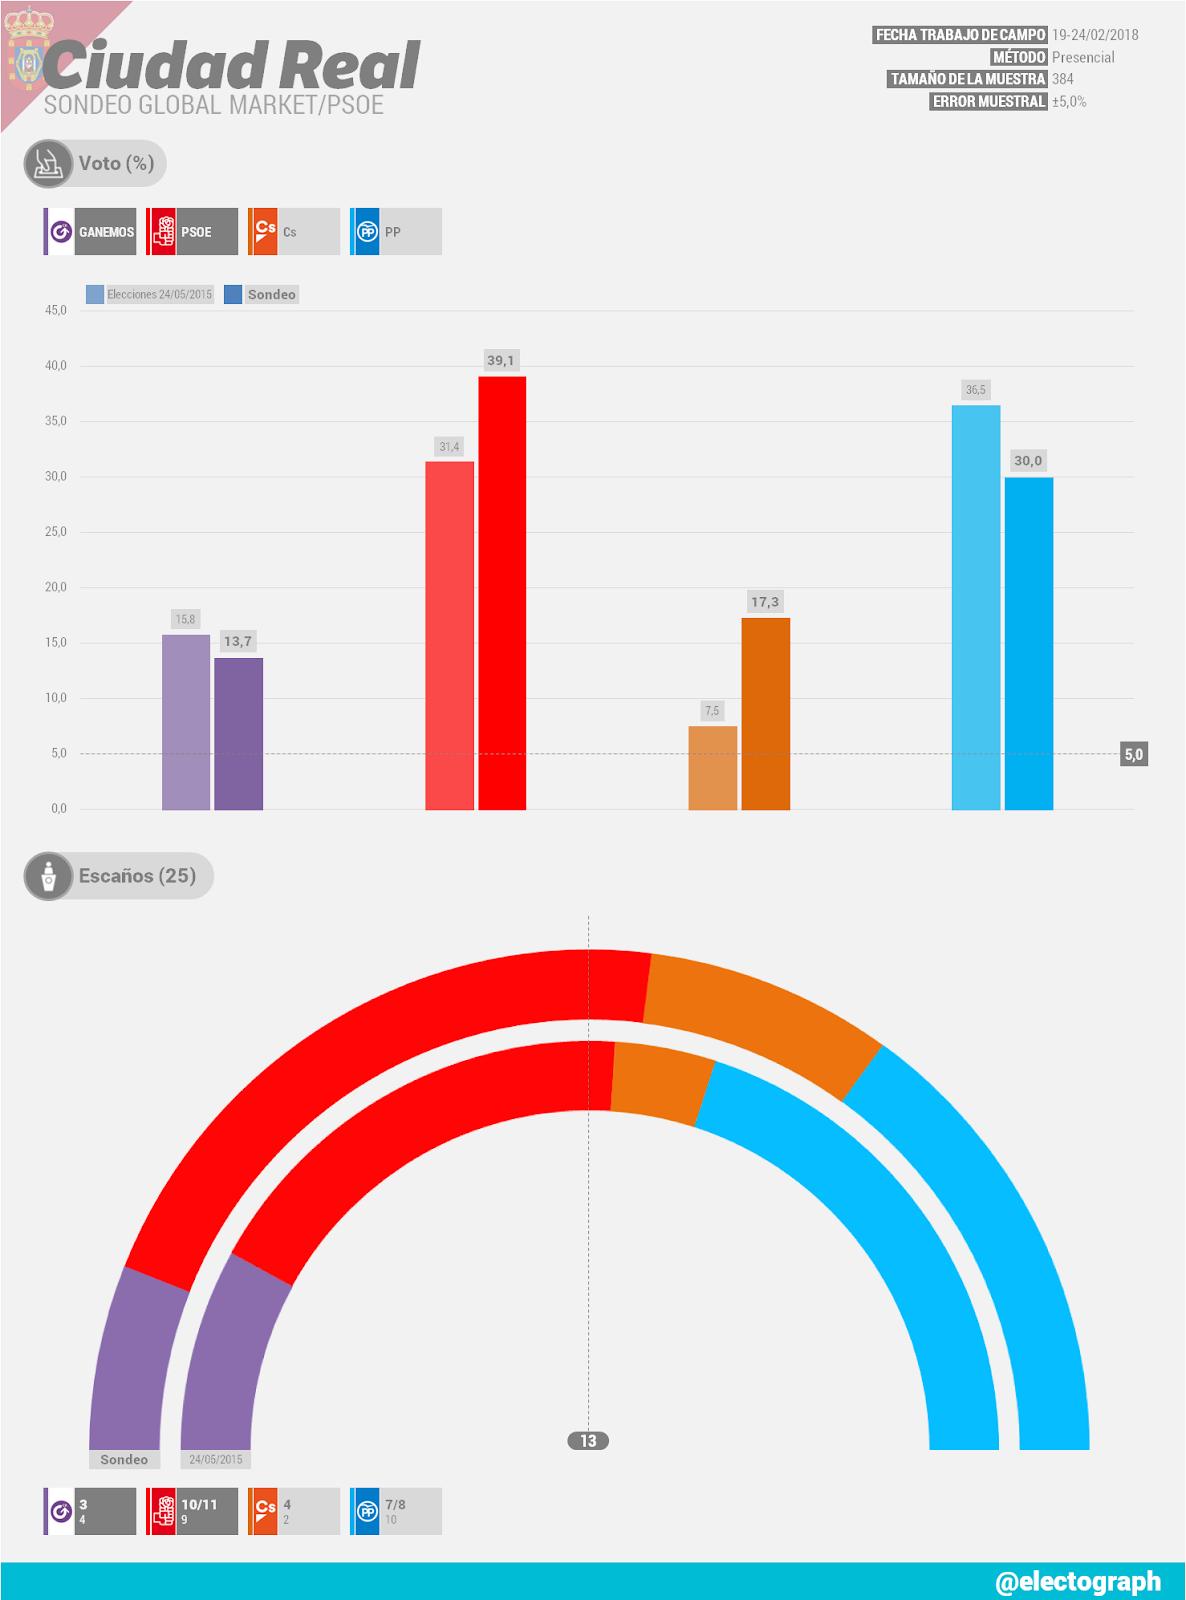 Gráfico de la encuesta para elecciones municipales en Ciudad Real realizada por Global Market para el PSOE en febrero de 2018